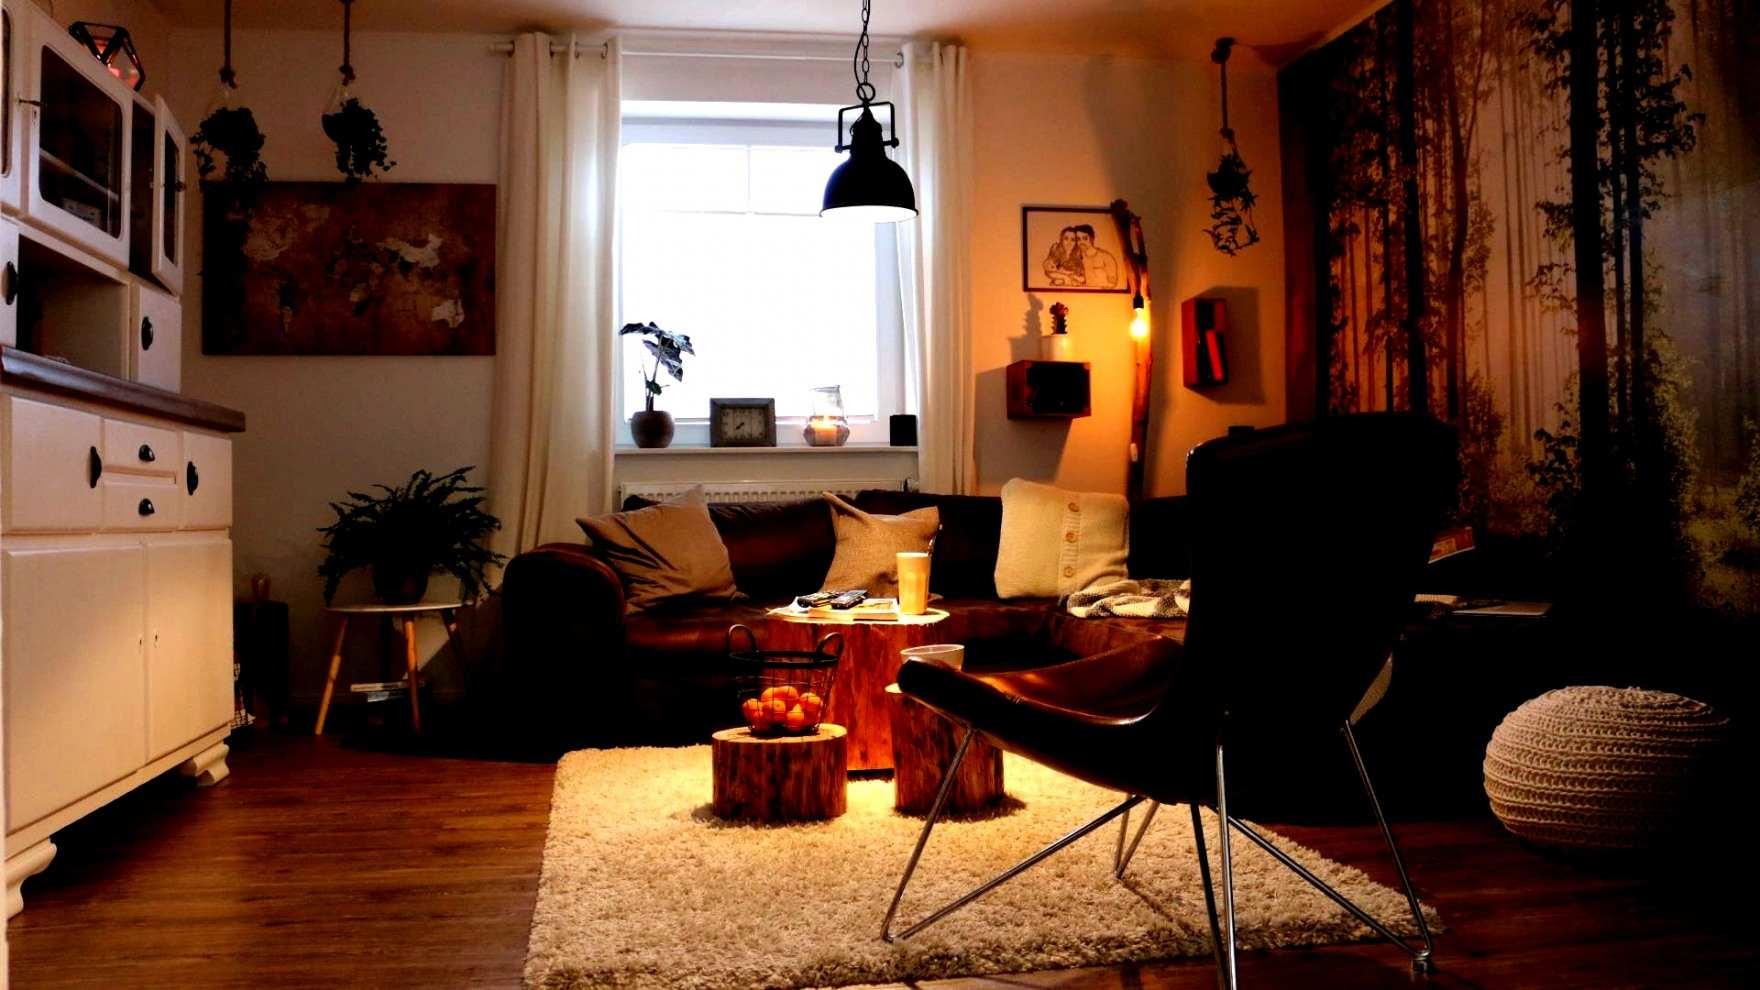 deko ideen fur wohnzimmer elegant deko ideen fur wohnzimmer design was solltest du tun of deko ideen fur wohnzimmer